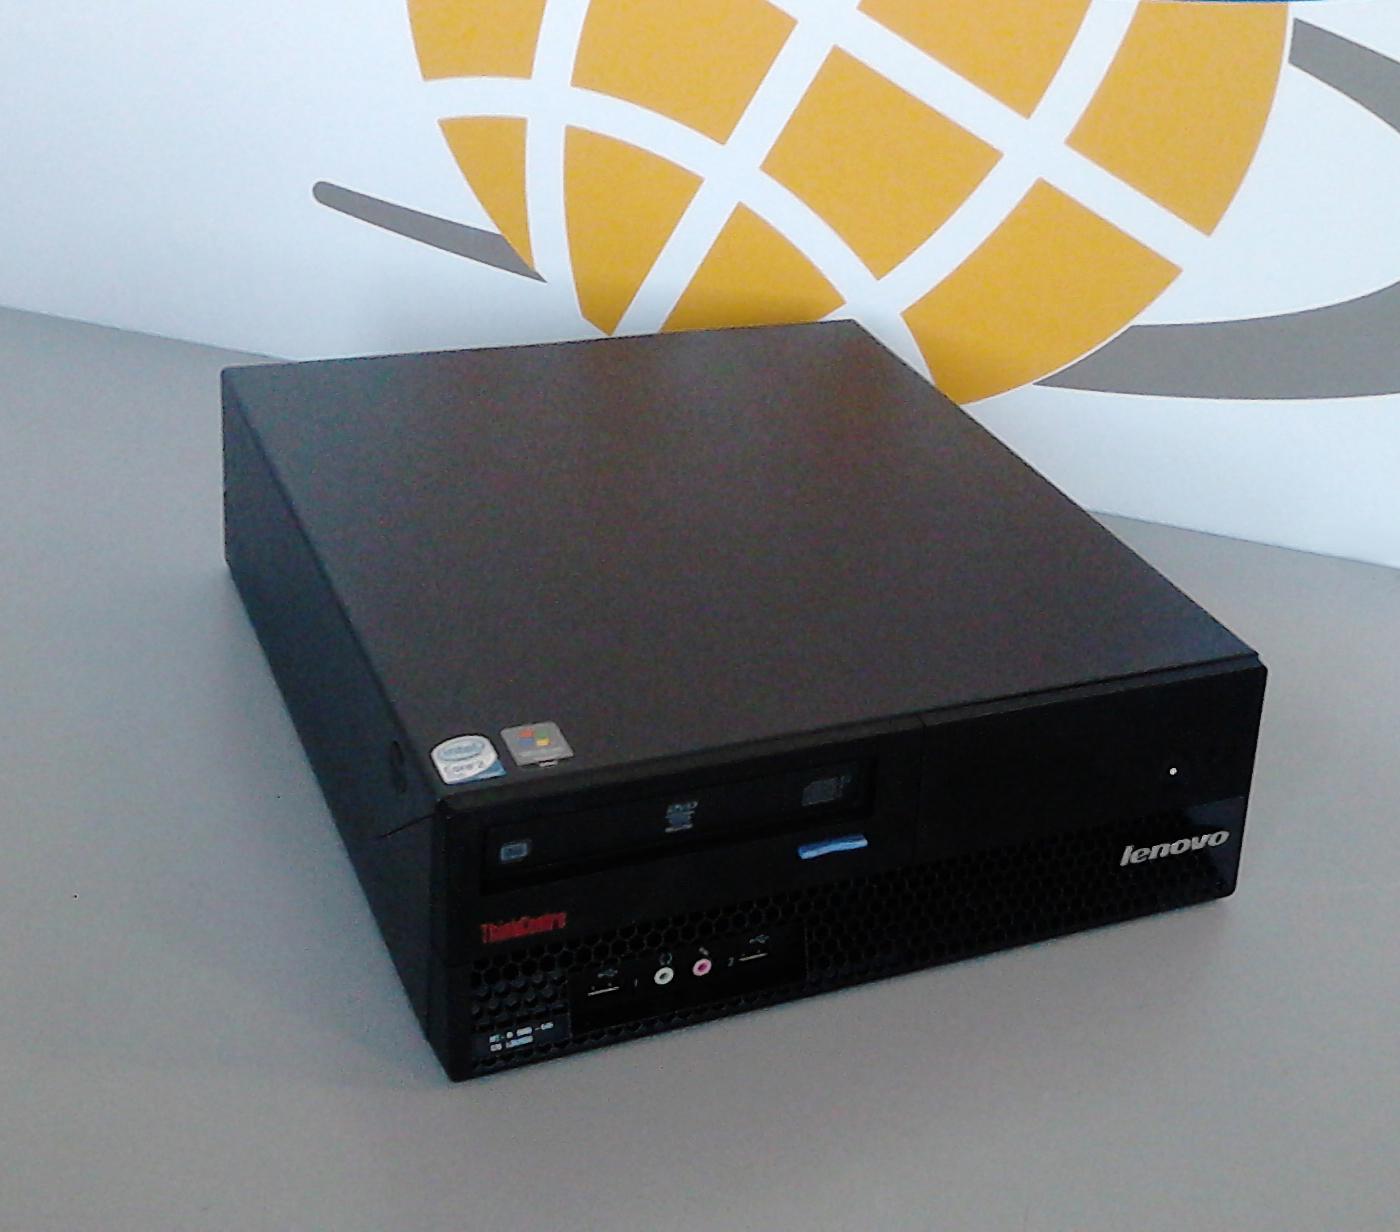 PC-1400x1232